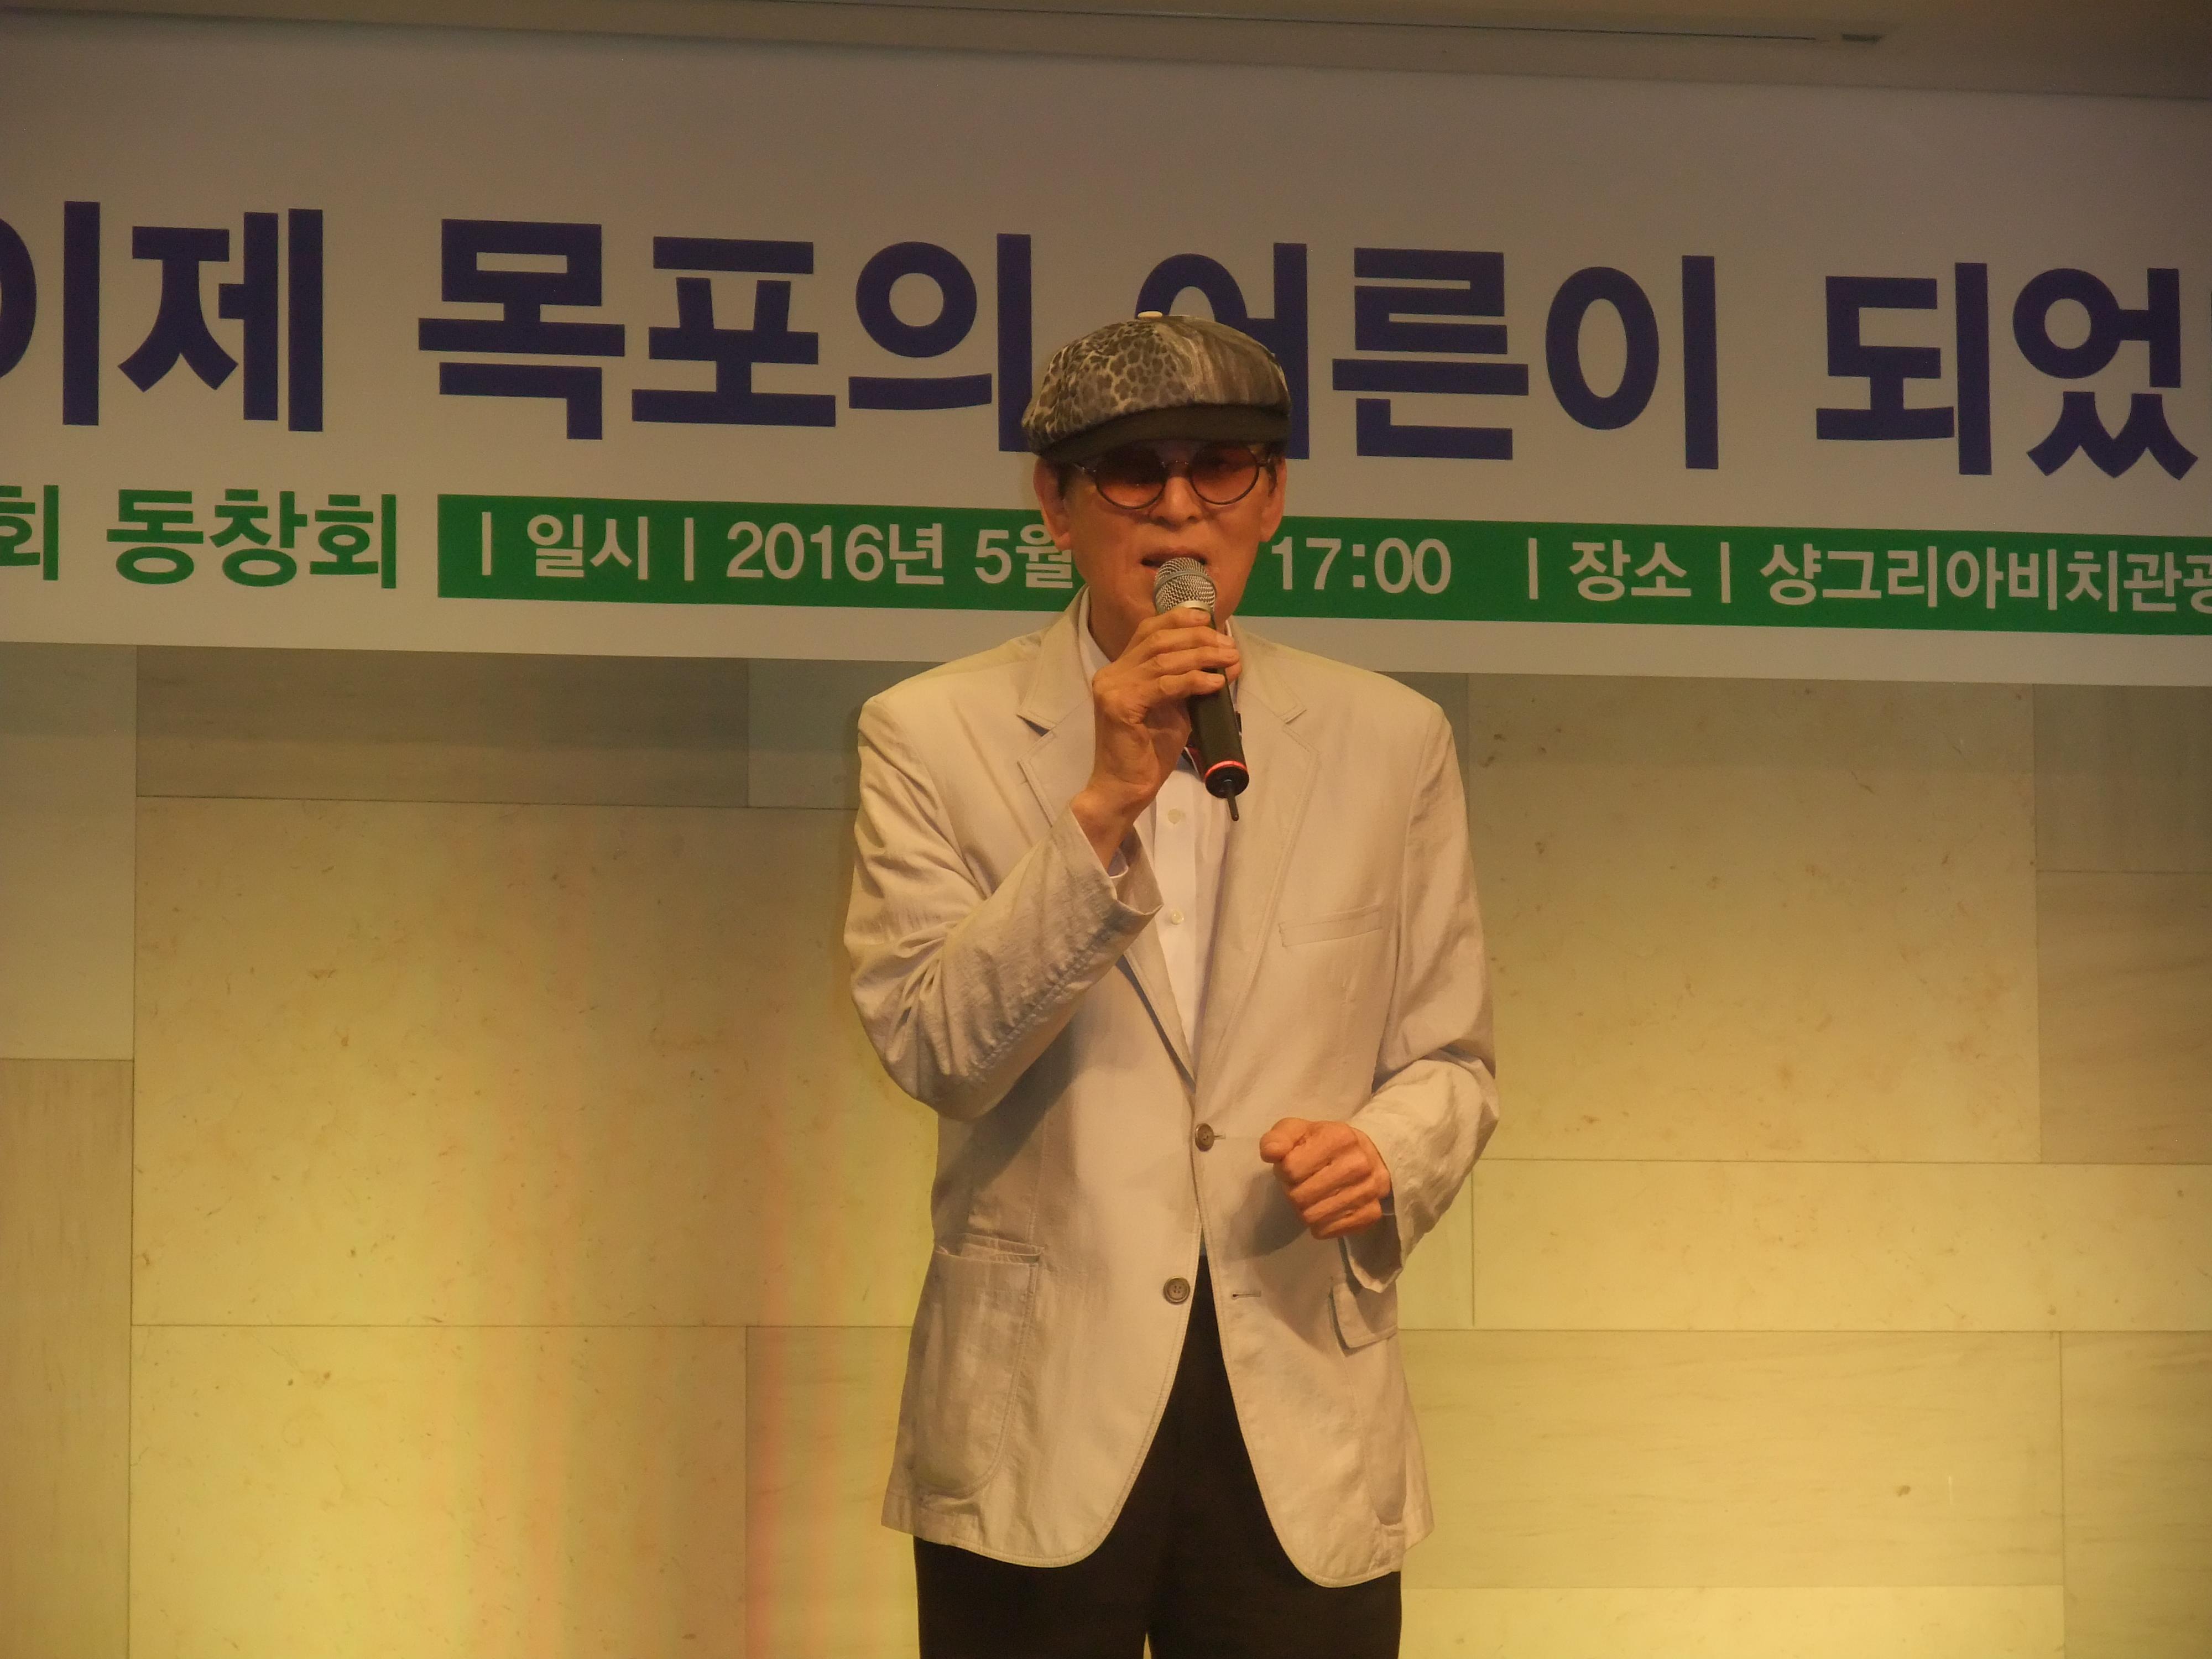 16-0521비룡중창단목포공연6-2.jpg